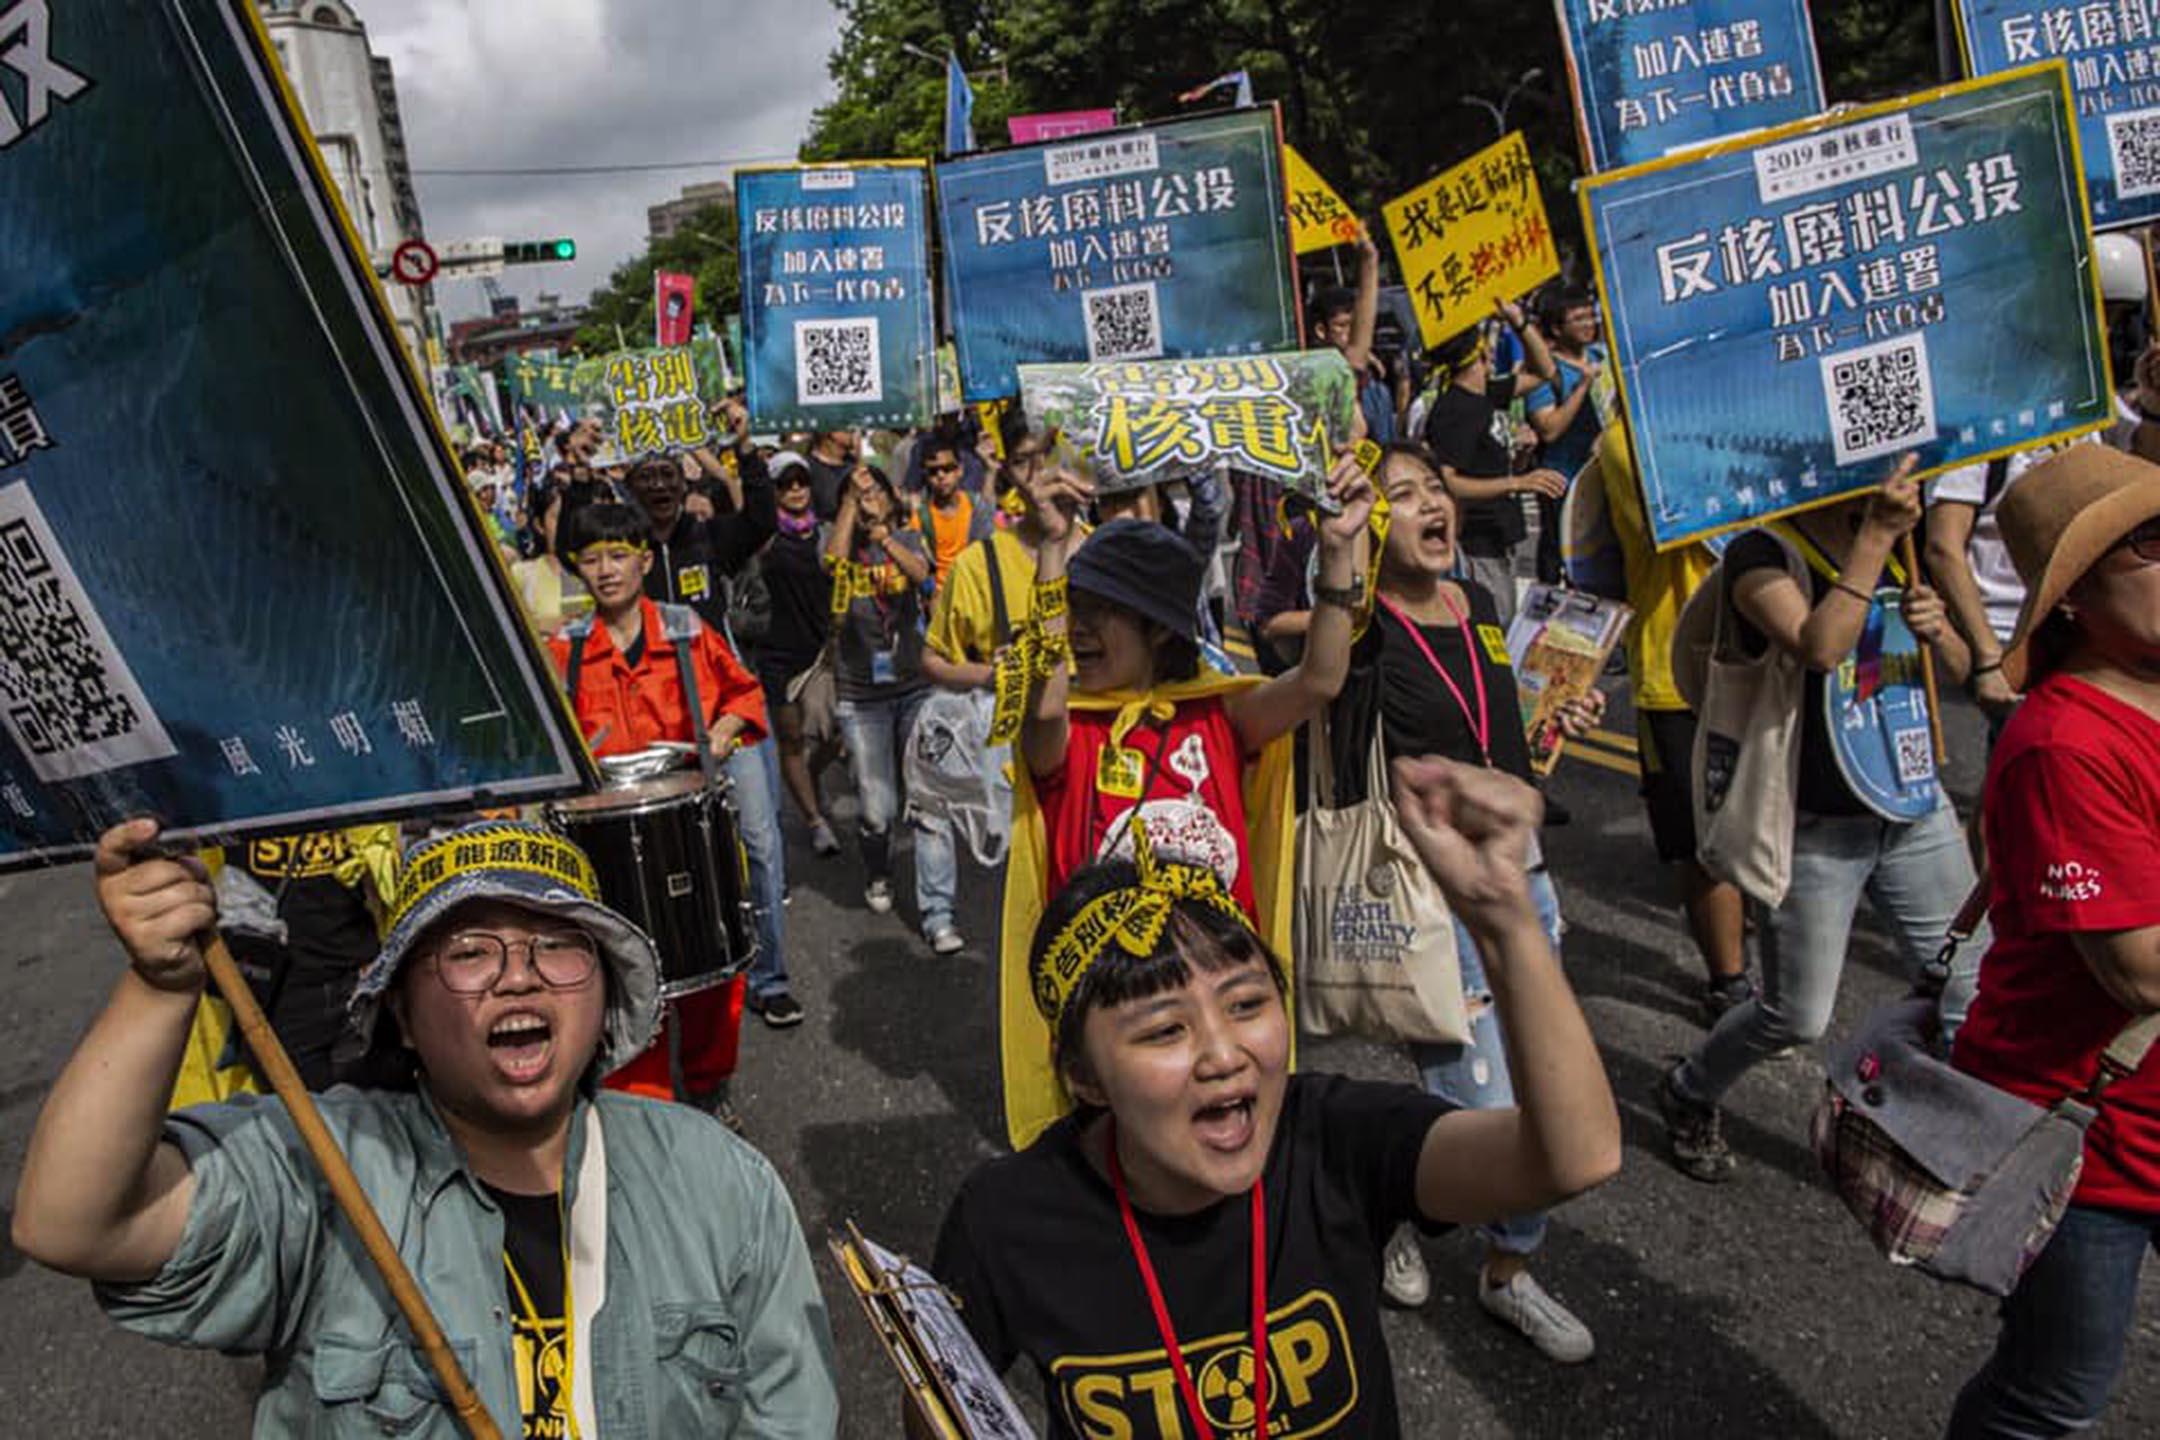 2019年4月27日台北,廢核大遊行中參與者喊著反核口號。